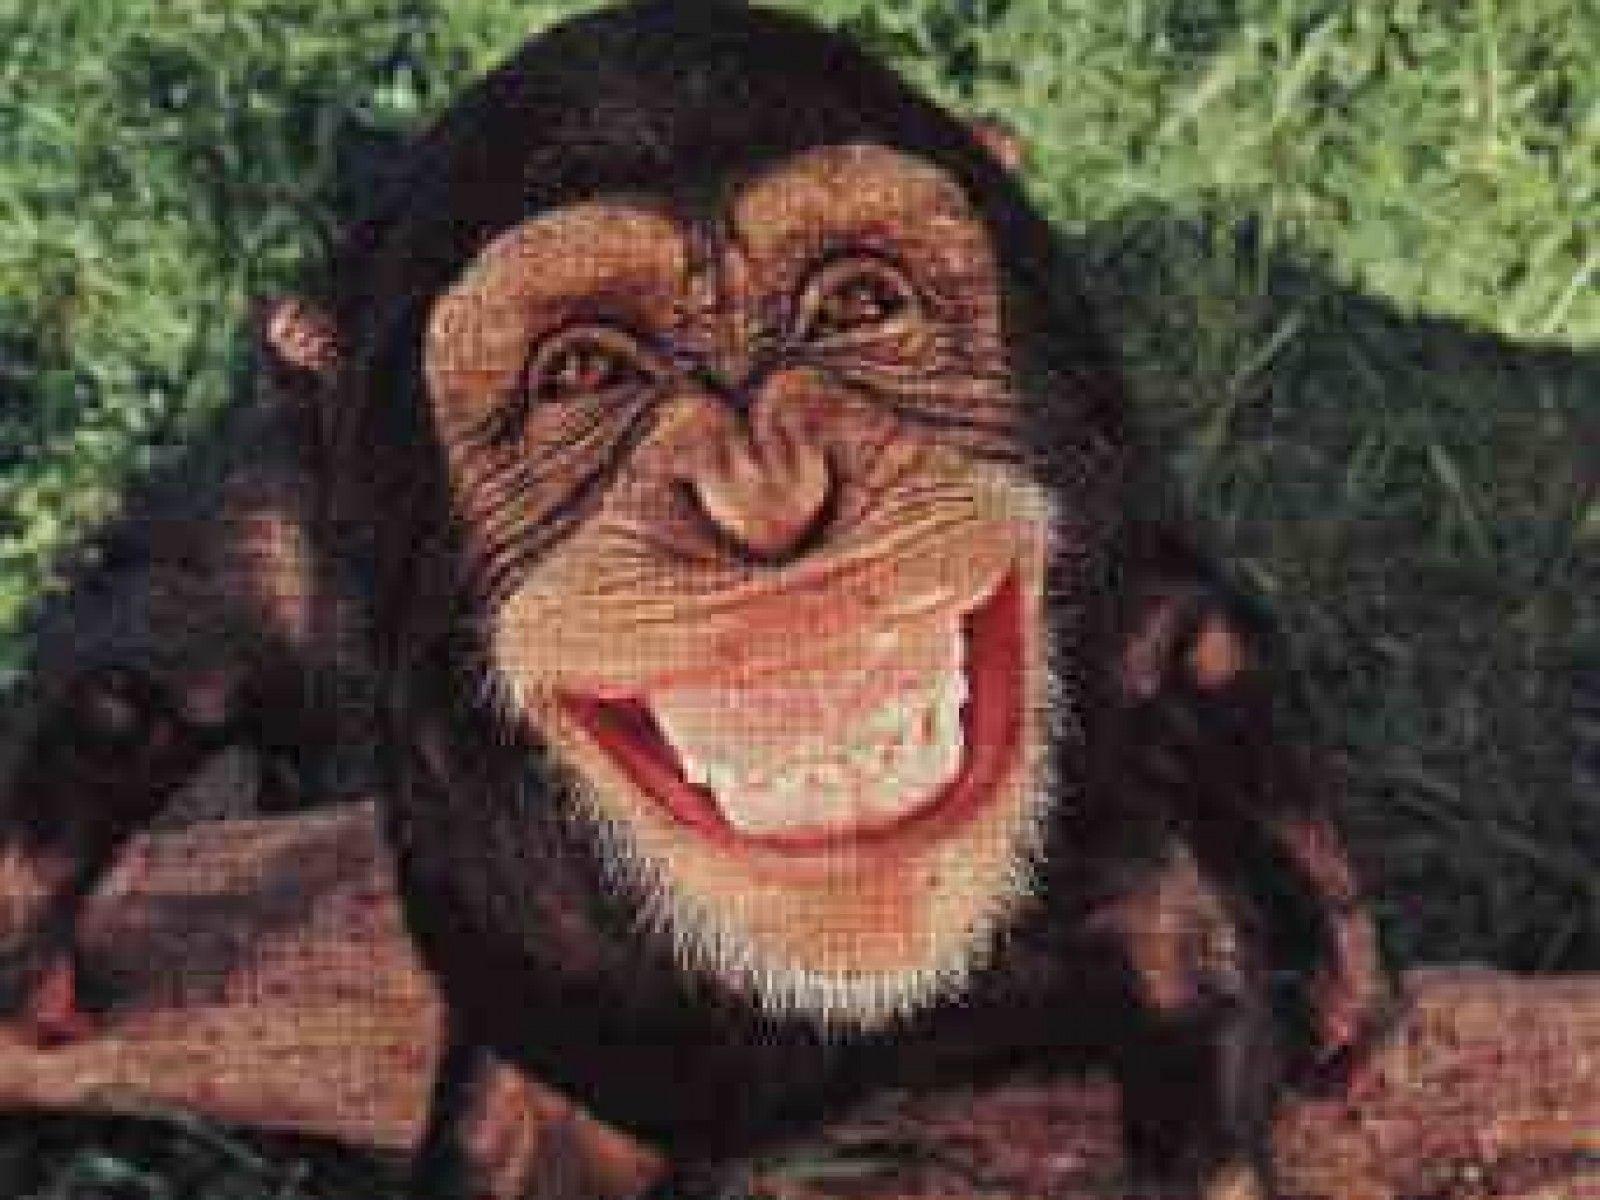 Baby Monkey Wallpaper 4 - Animal Backgrounds